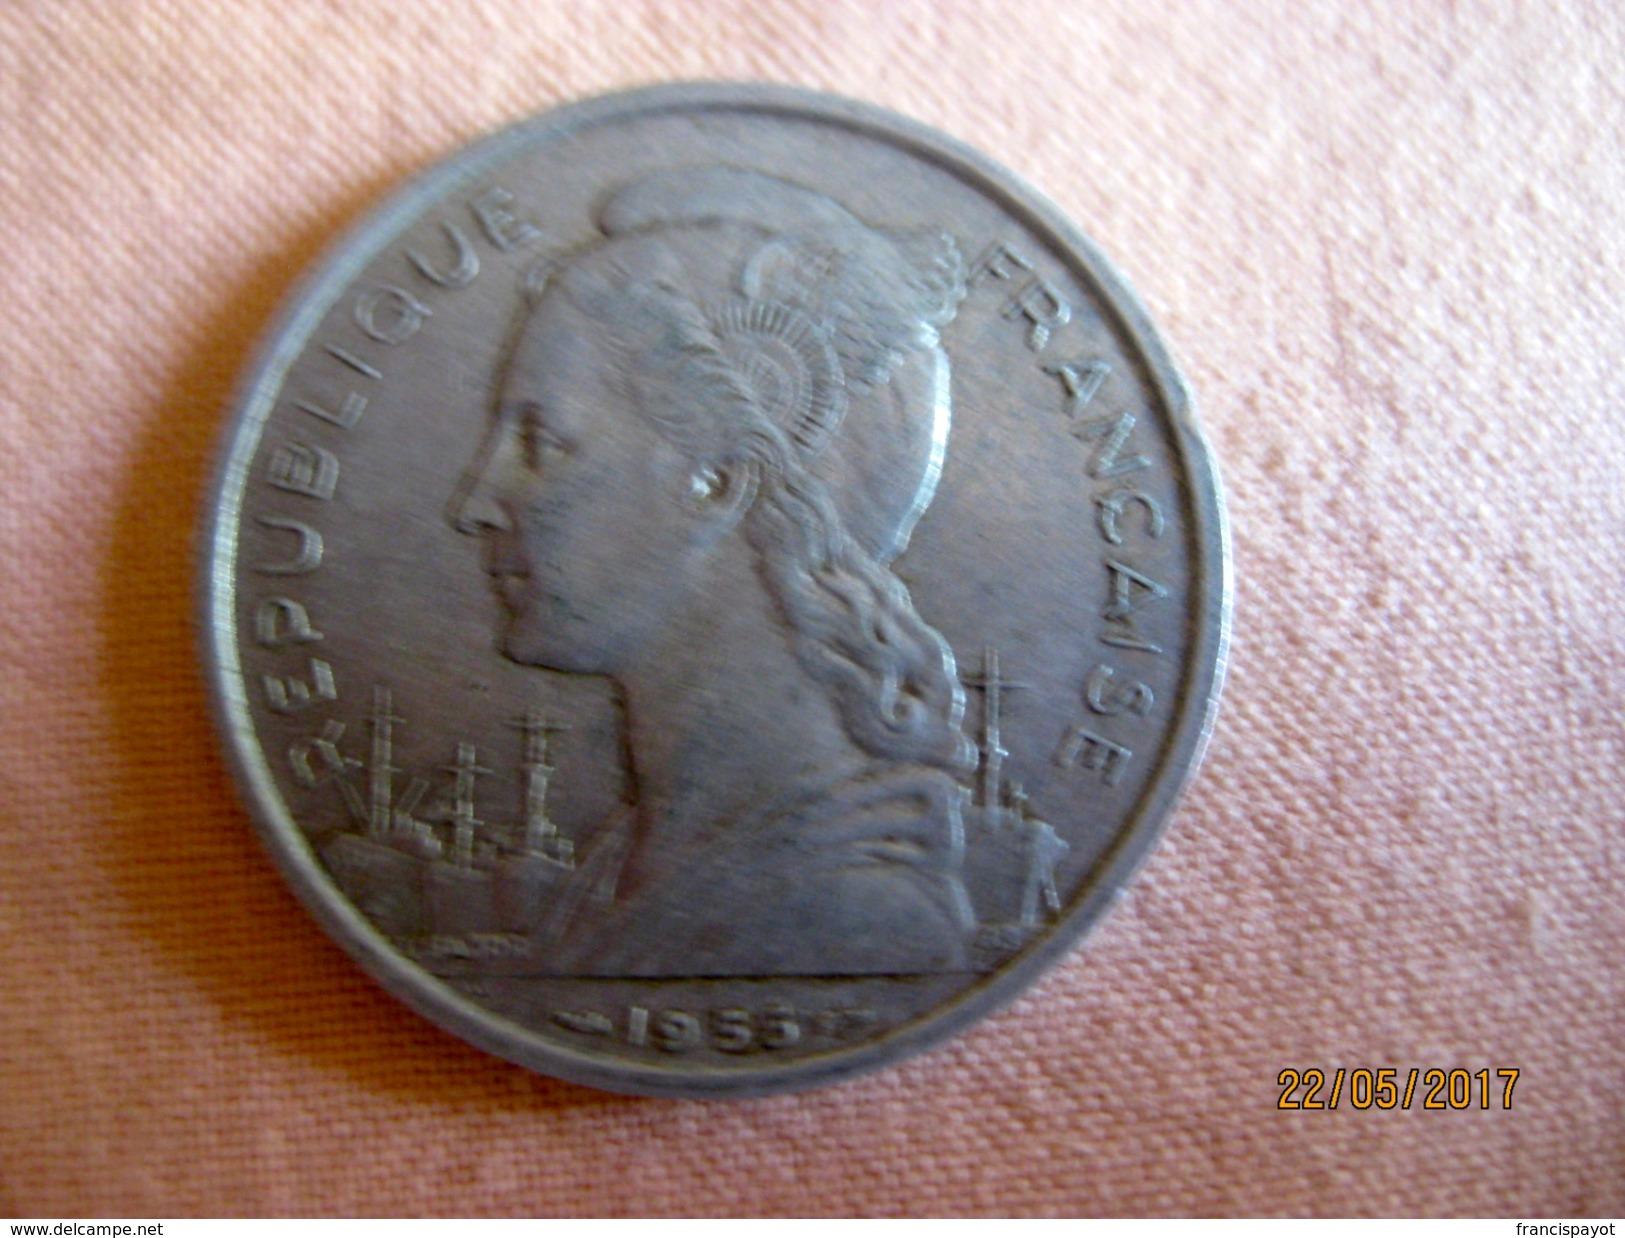 France: La Réunion 5 Francs 1955 - Réunion